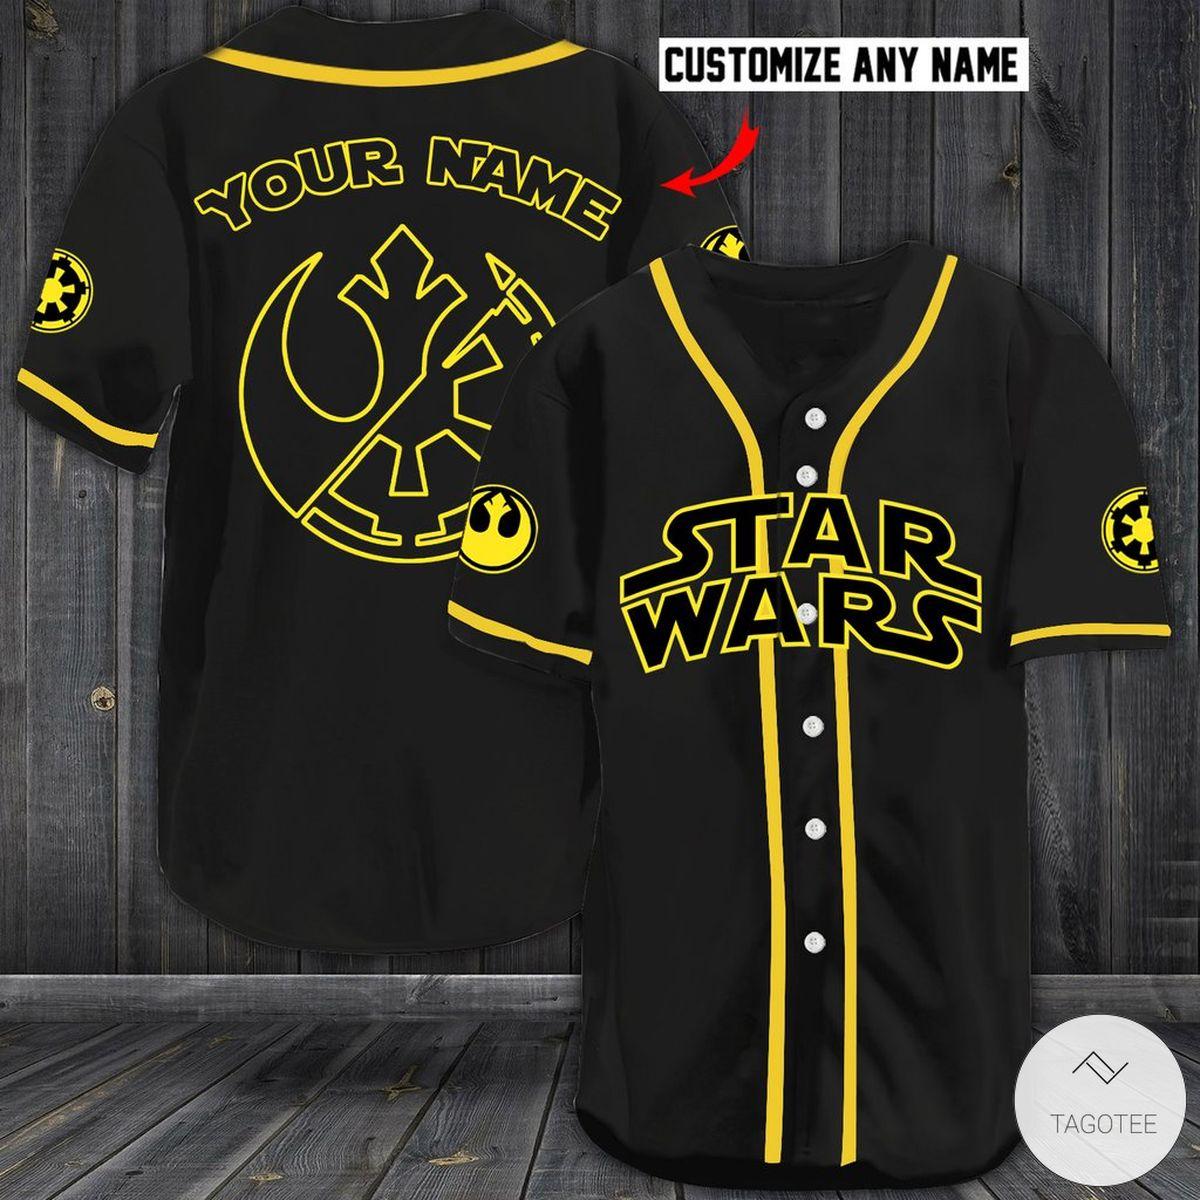 Personalized Star Wars Baseball Jersey